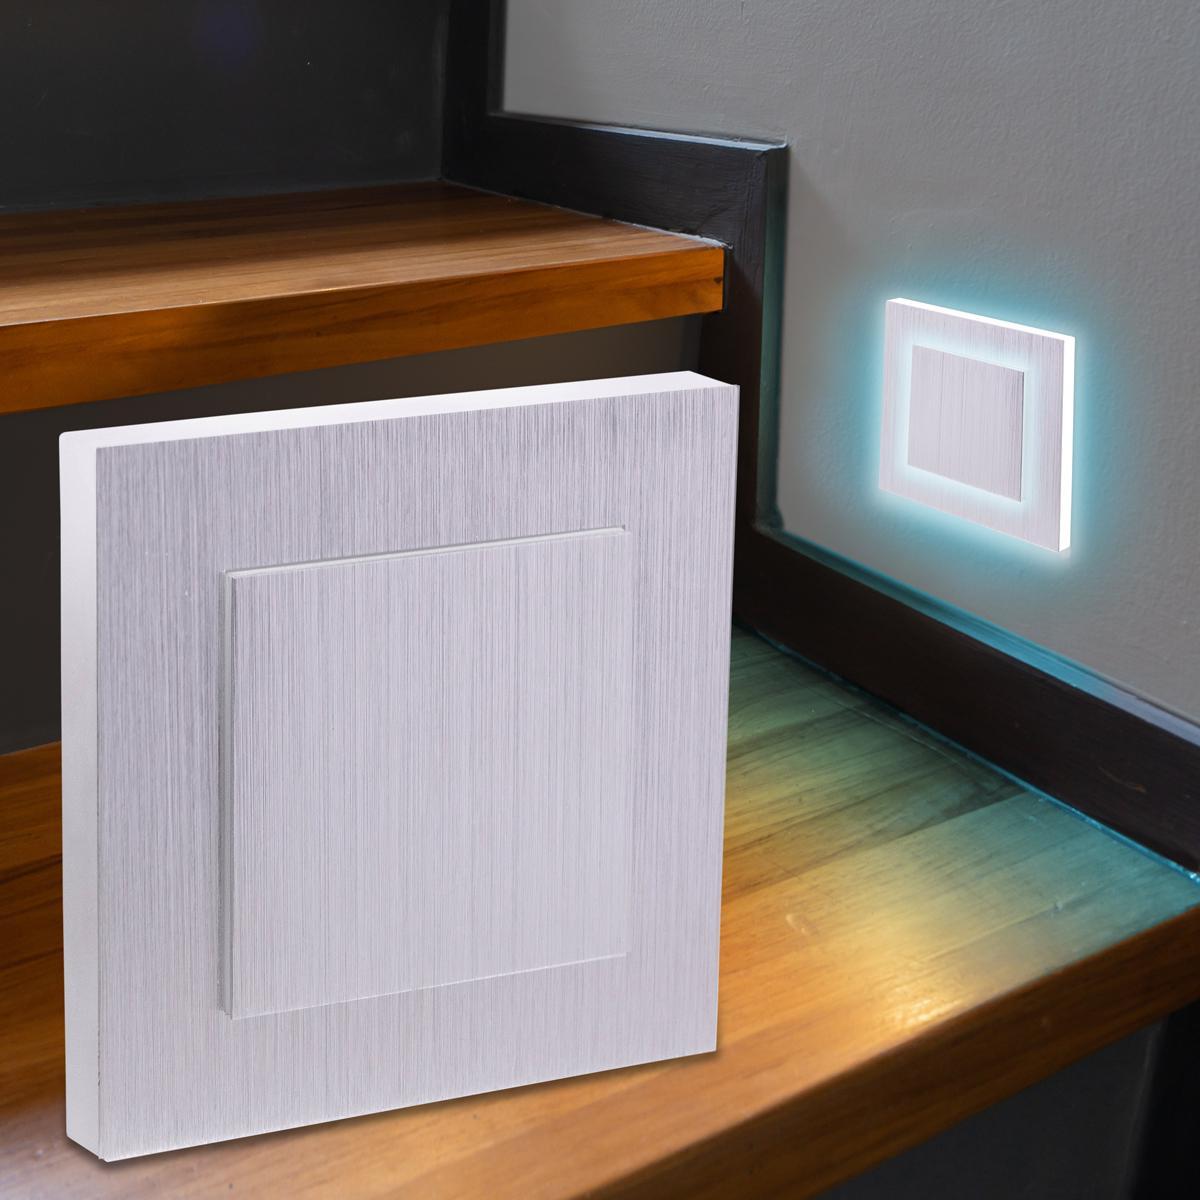 LED Treppenbeleuchtung Wandeinbauleuchte Kaltweiß 230V 1.5W Alu-gebürstet Lichtaustritt seitlich/doppelt